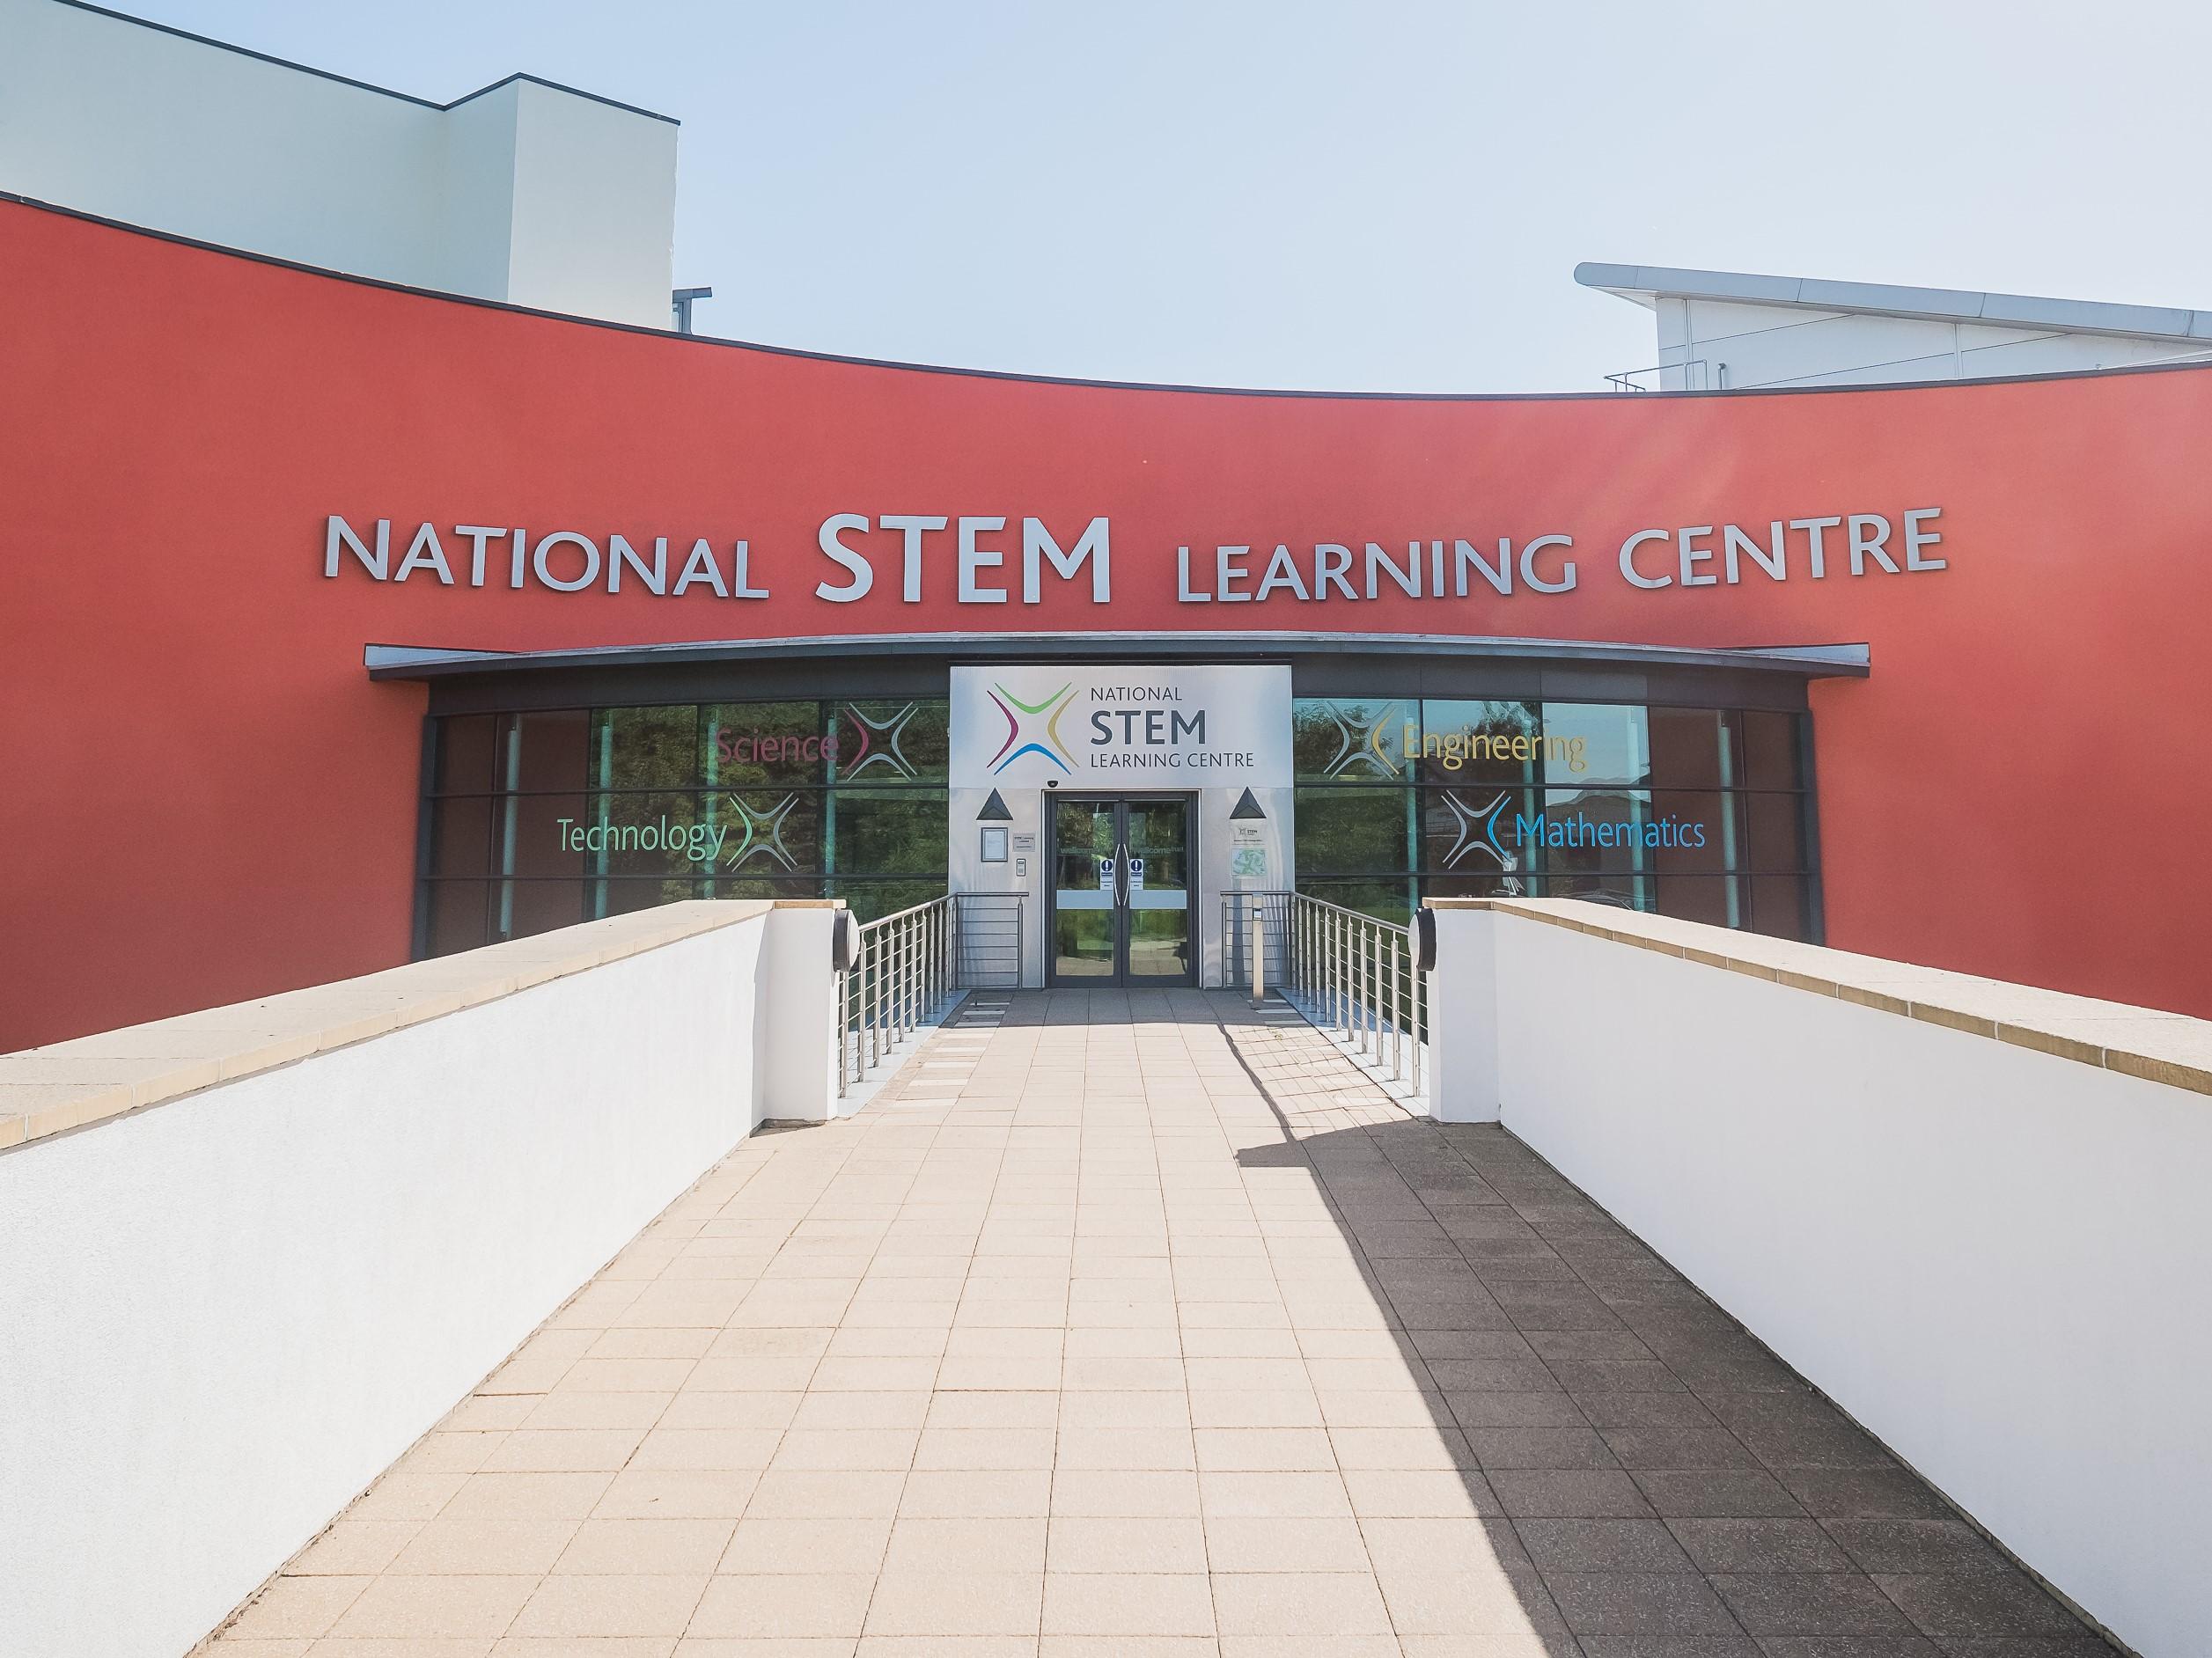 National STEM Learning Centre, York